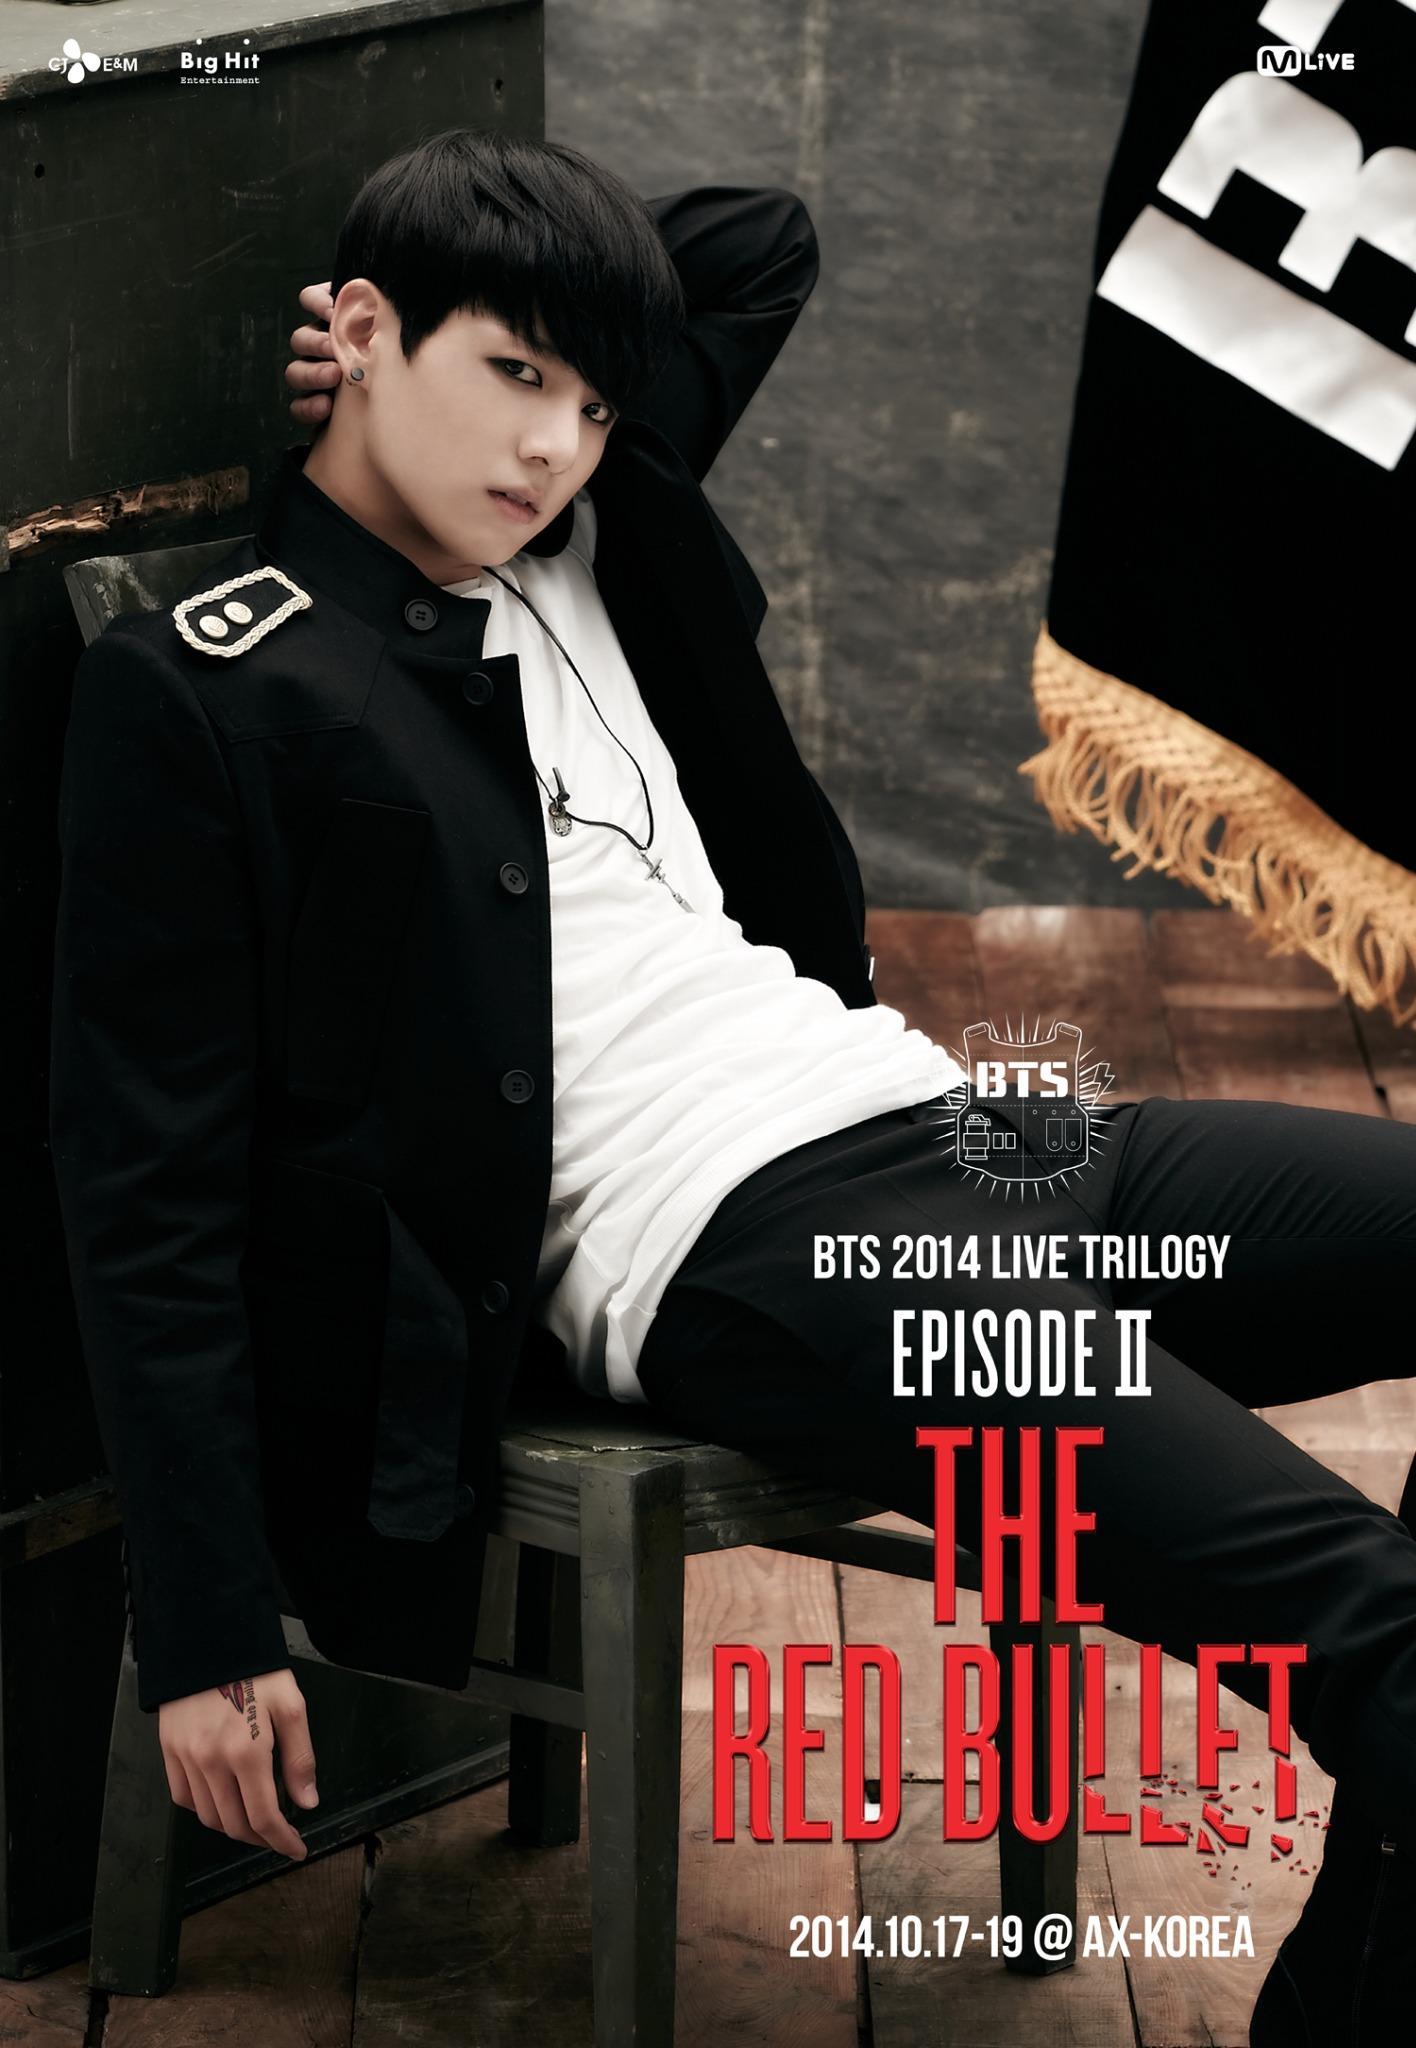 Picture Bts 1st Concert Bts 2014 Live Trilogy Episode